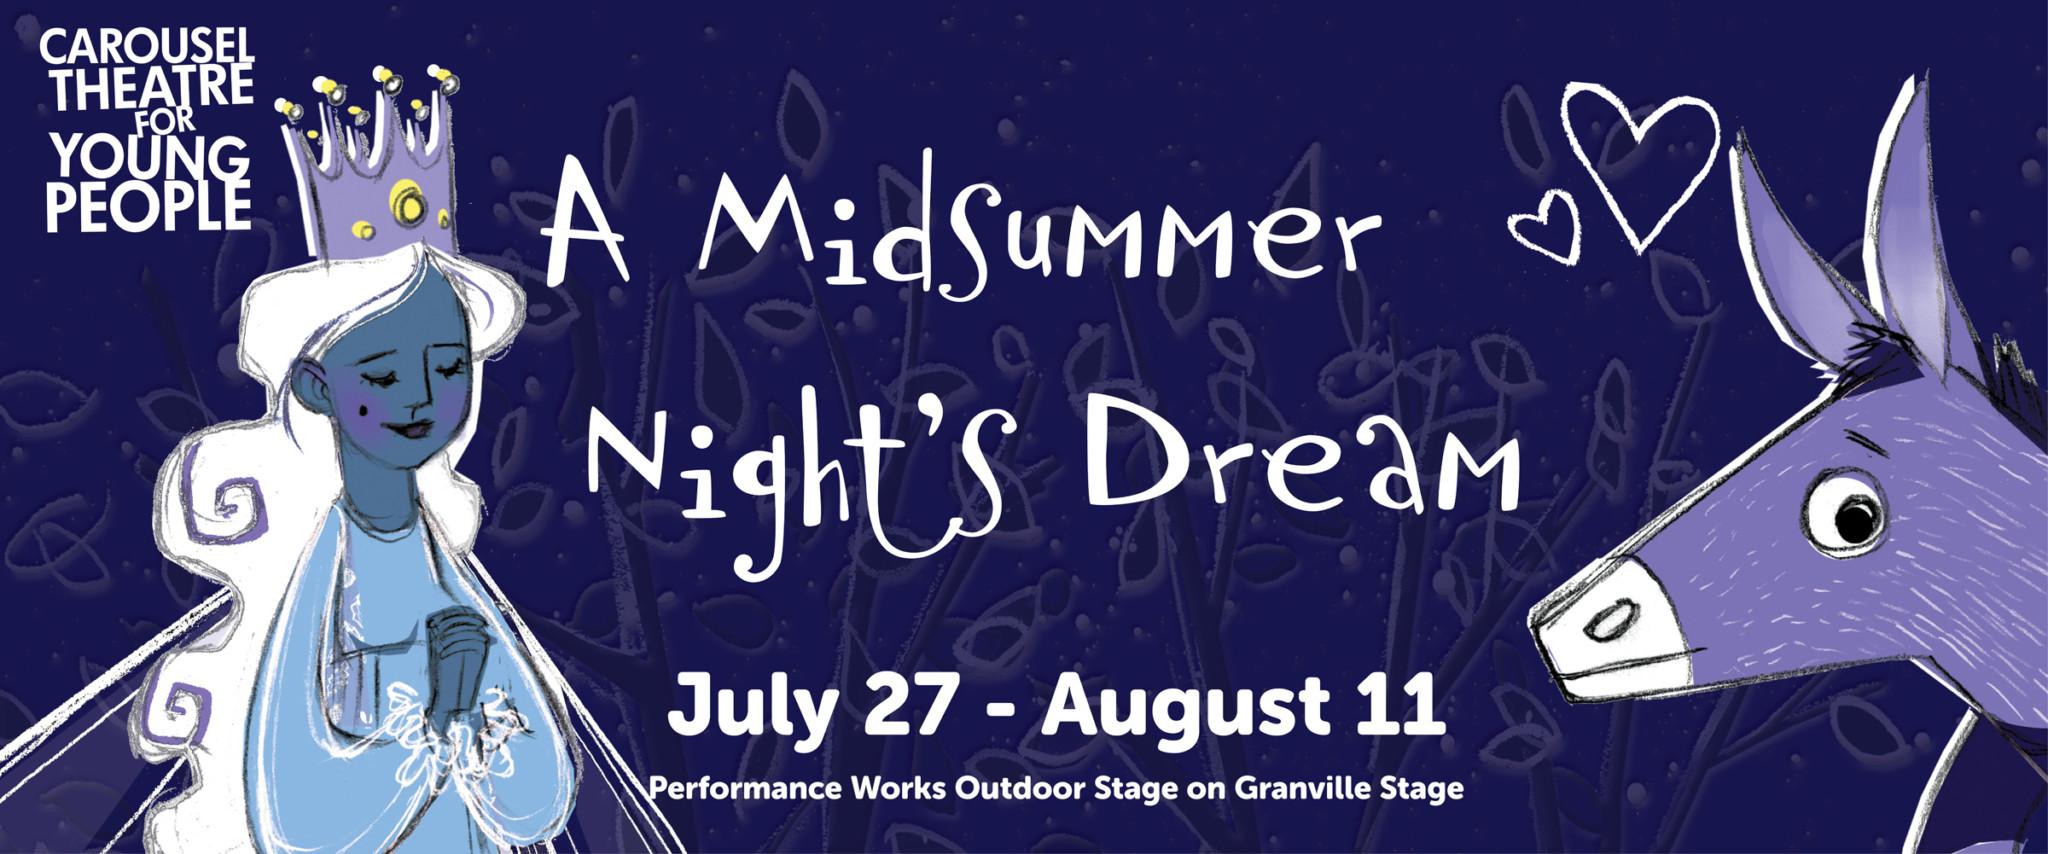 A Midsummer Night's Dream – A Teen Shakespeare Play